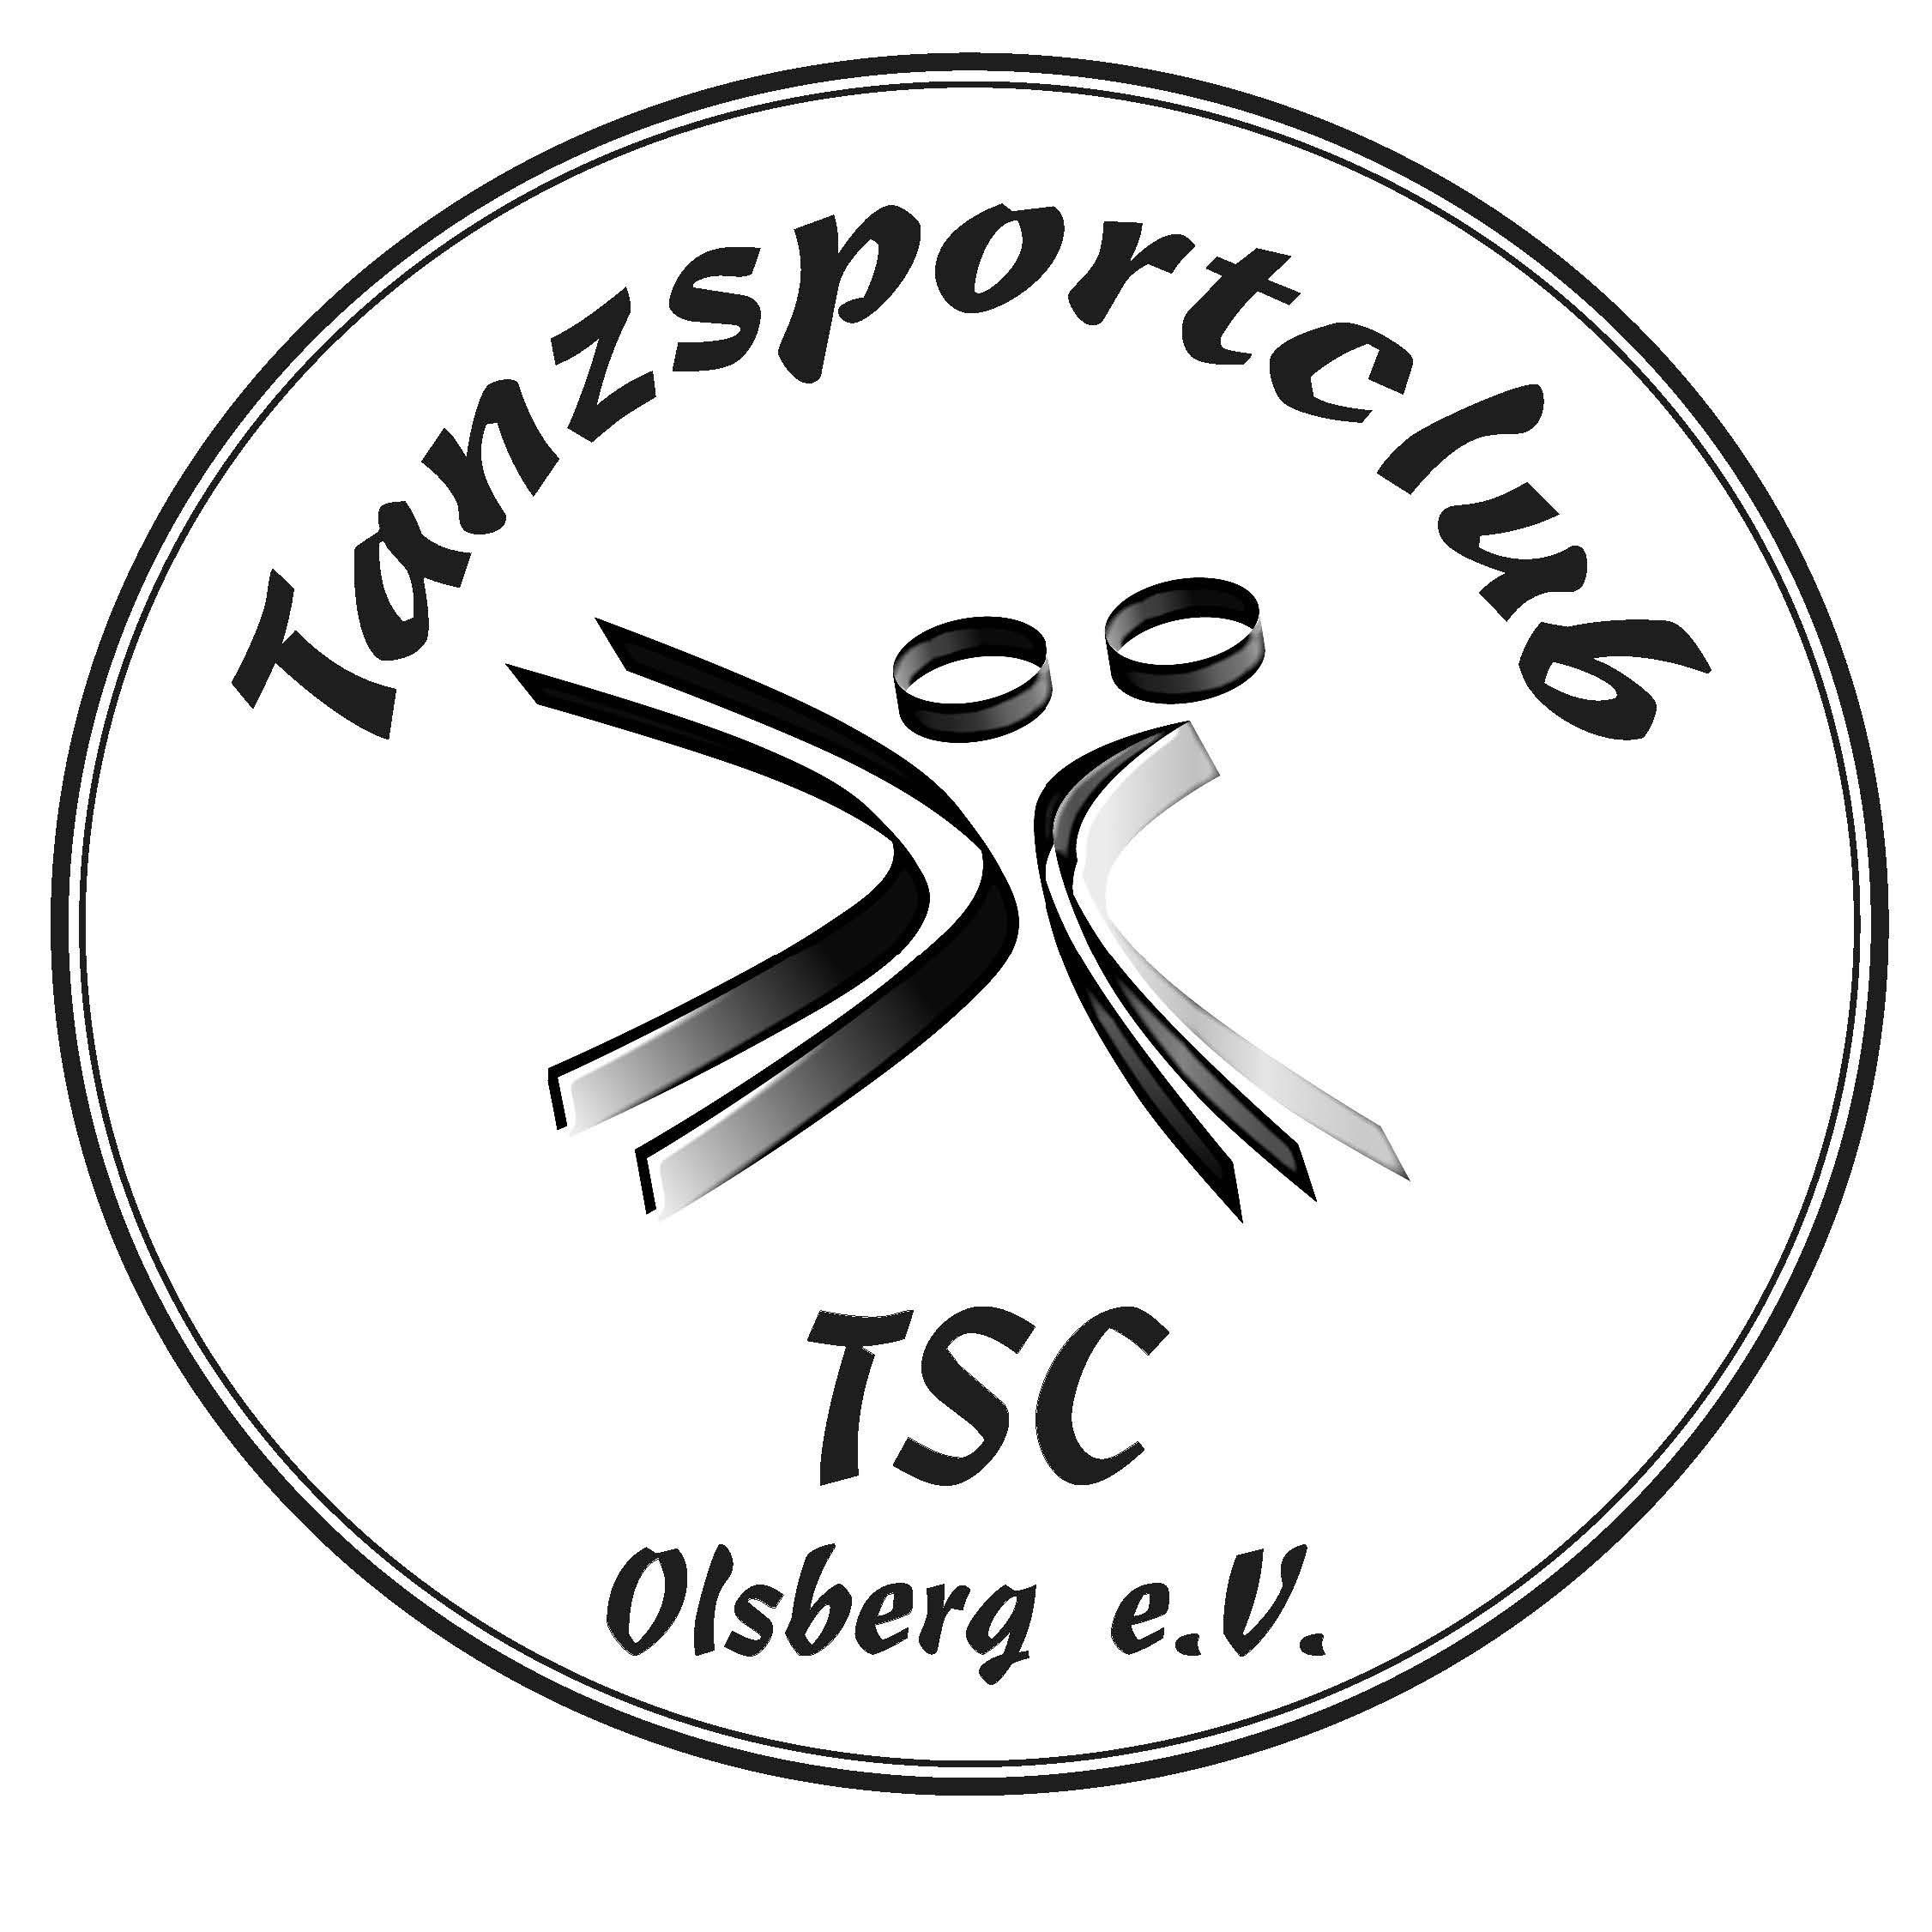 d9263edb13 TSC Olsberg e.V.